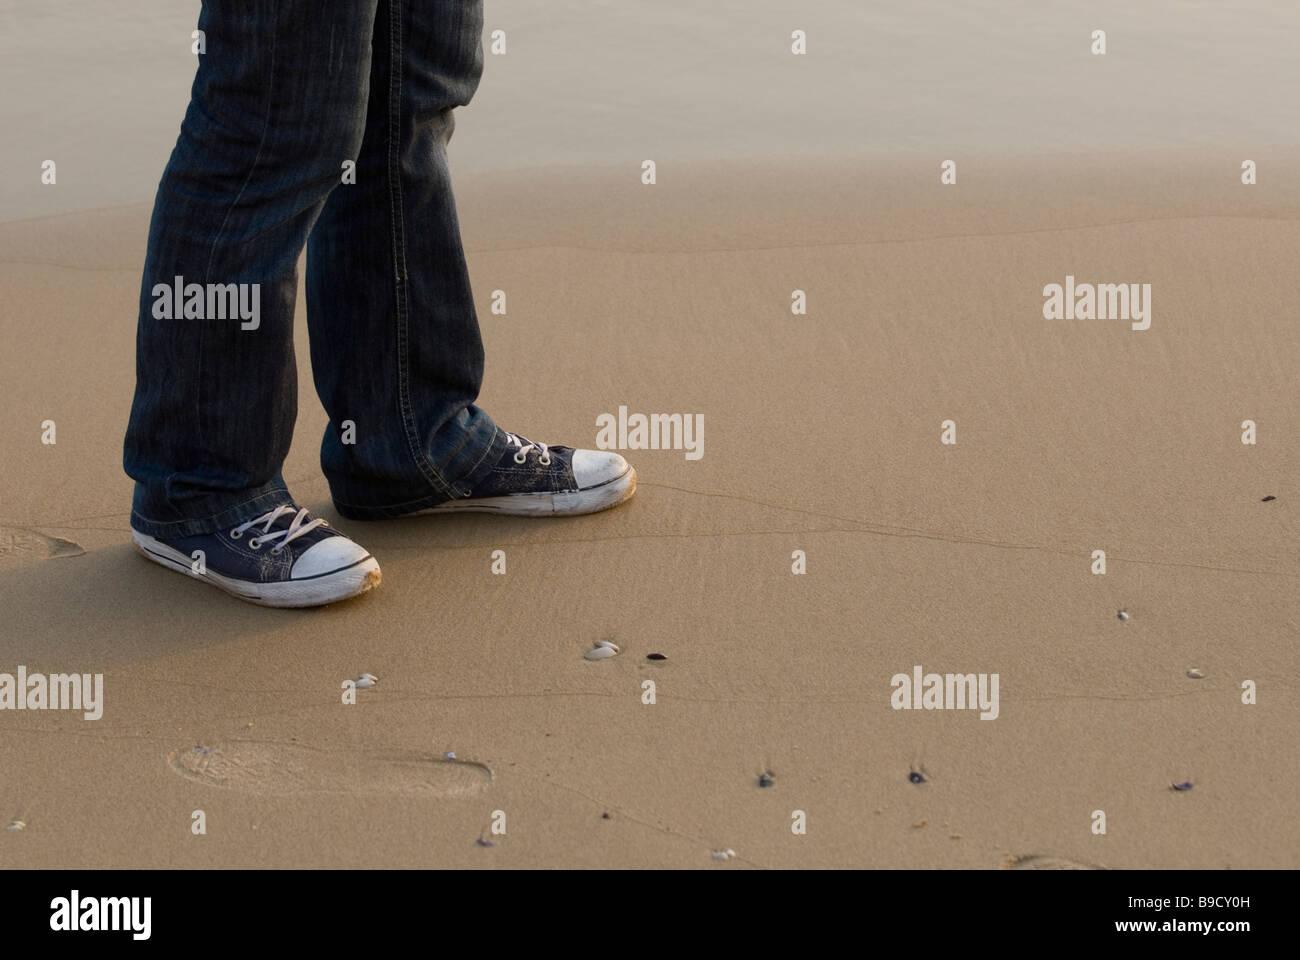 Partie inférieure d'un homme portant des chaussures Converse formateurs à pied par la plage Beyrouth Photo Stock